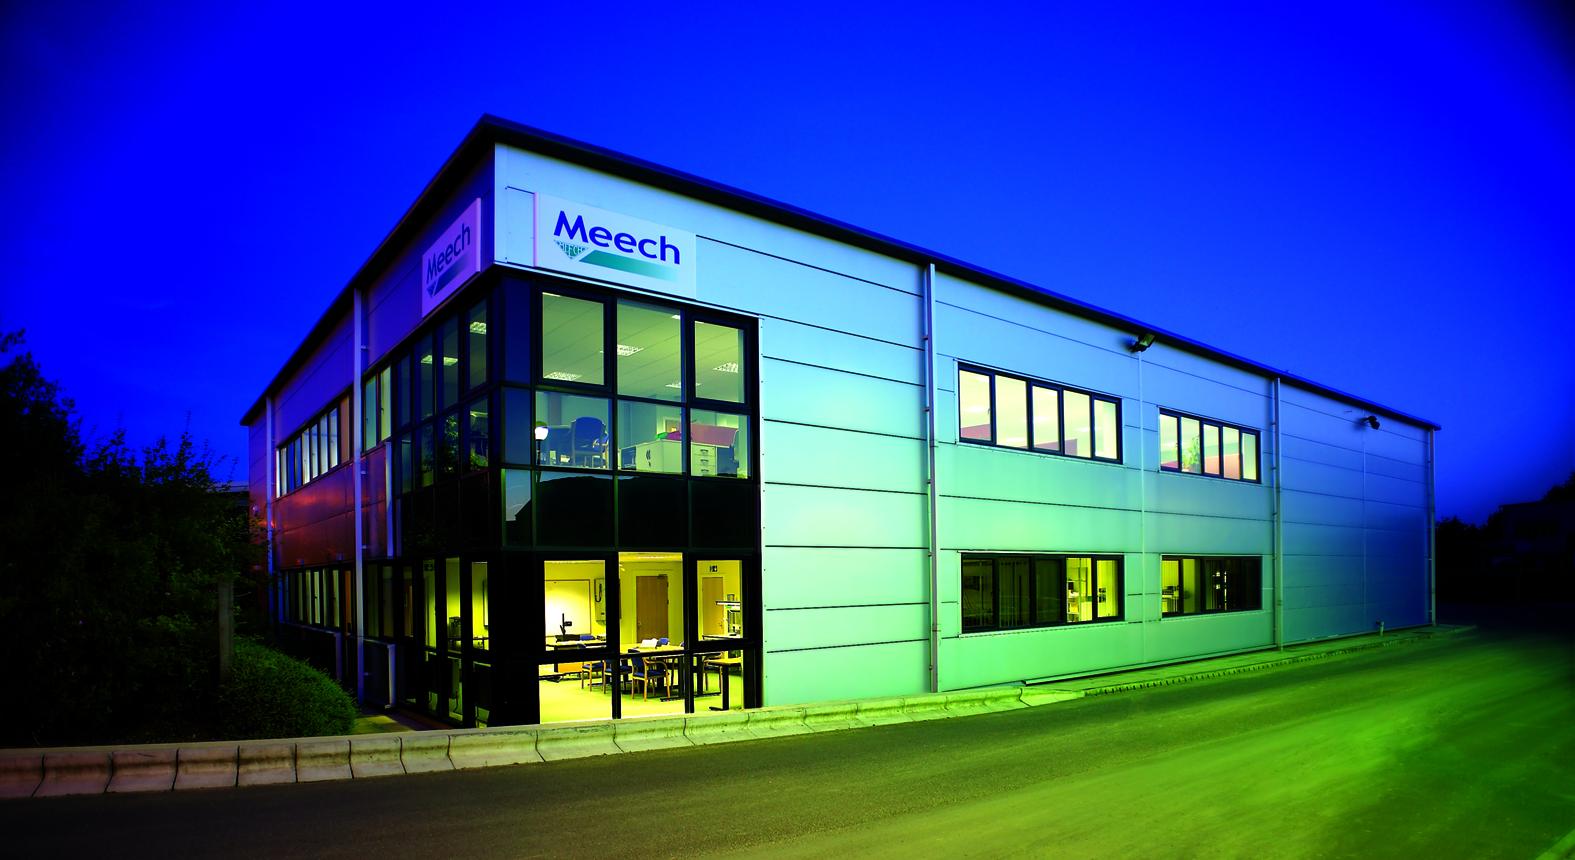 Meech_building.jpg